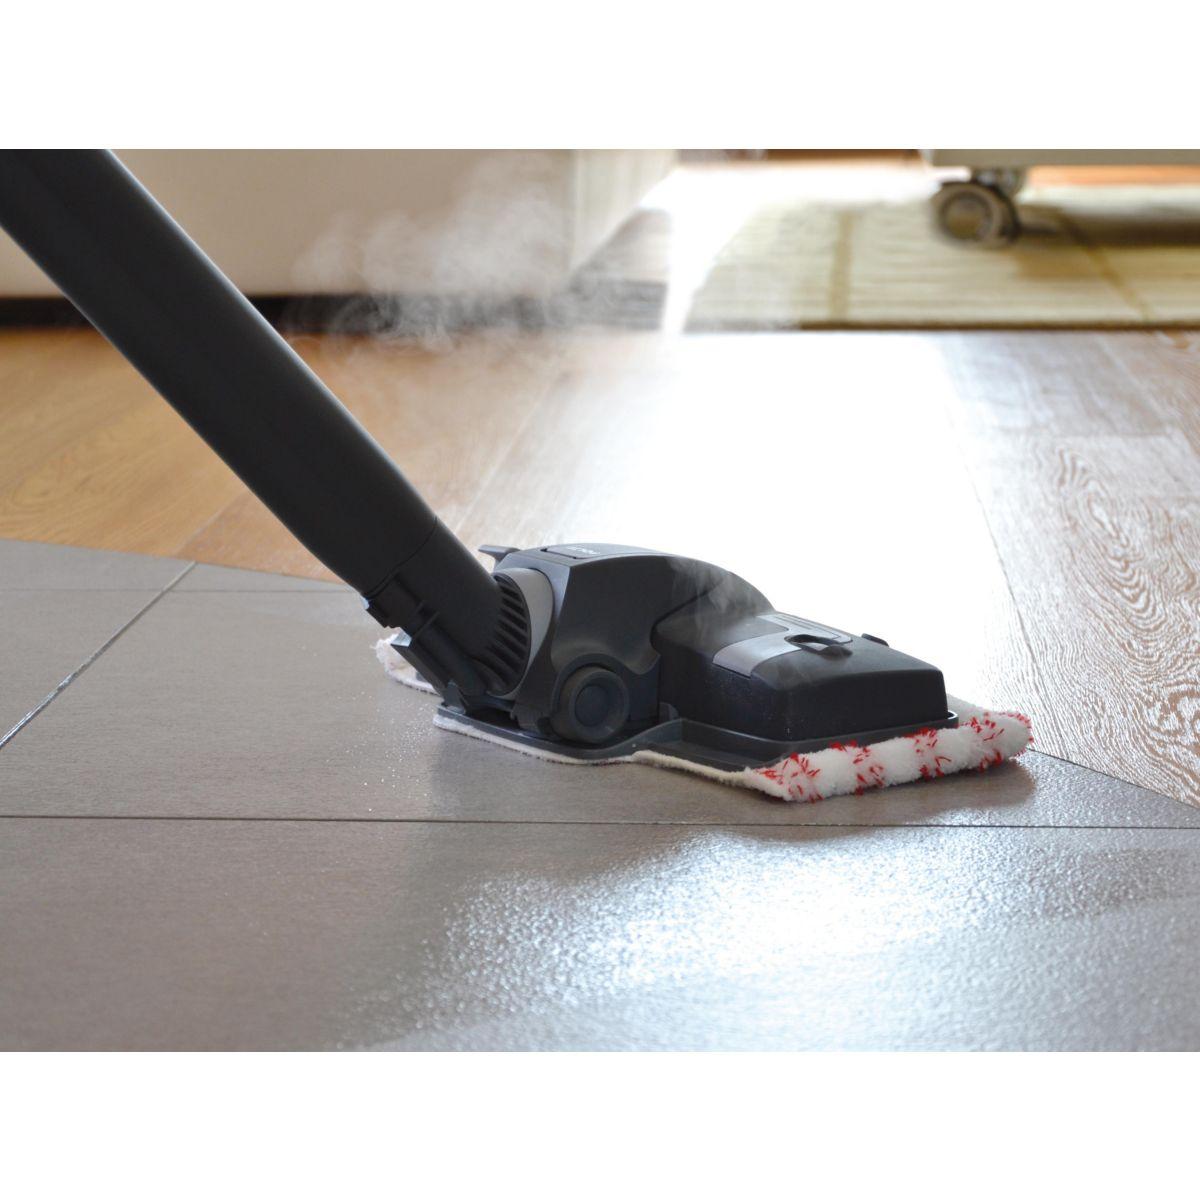 aspirateur nettoyeur vapeur polti rowenta rywh clean steam aspirateur vapeur nettoyage parfait. Black Bedroom Furniture Sets. Home Design Ideas